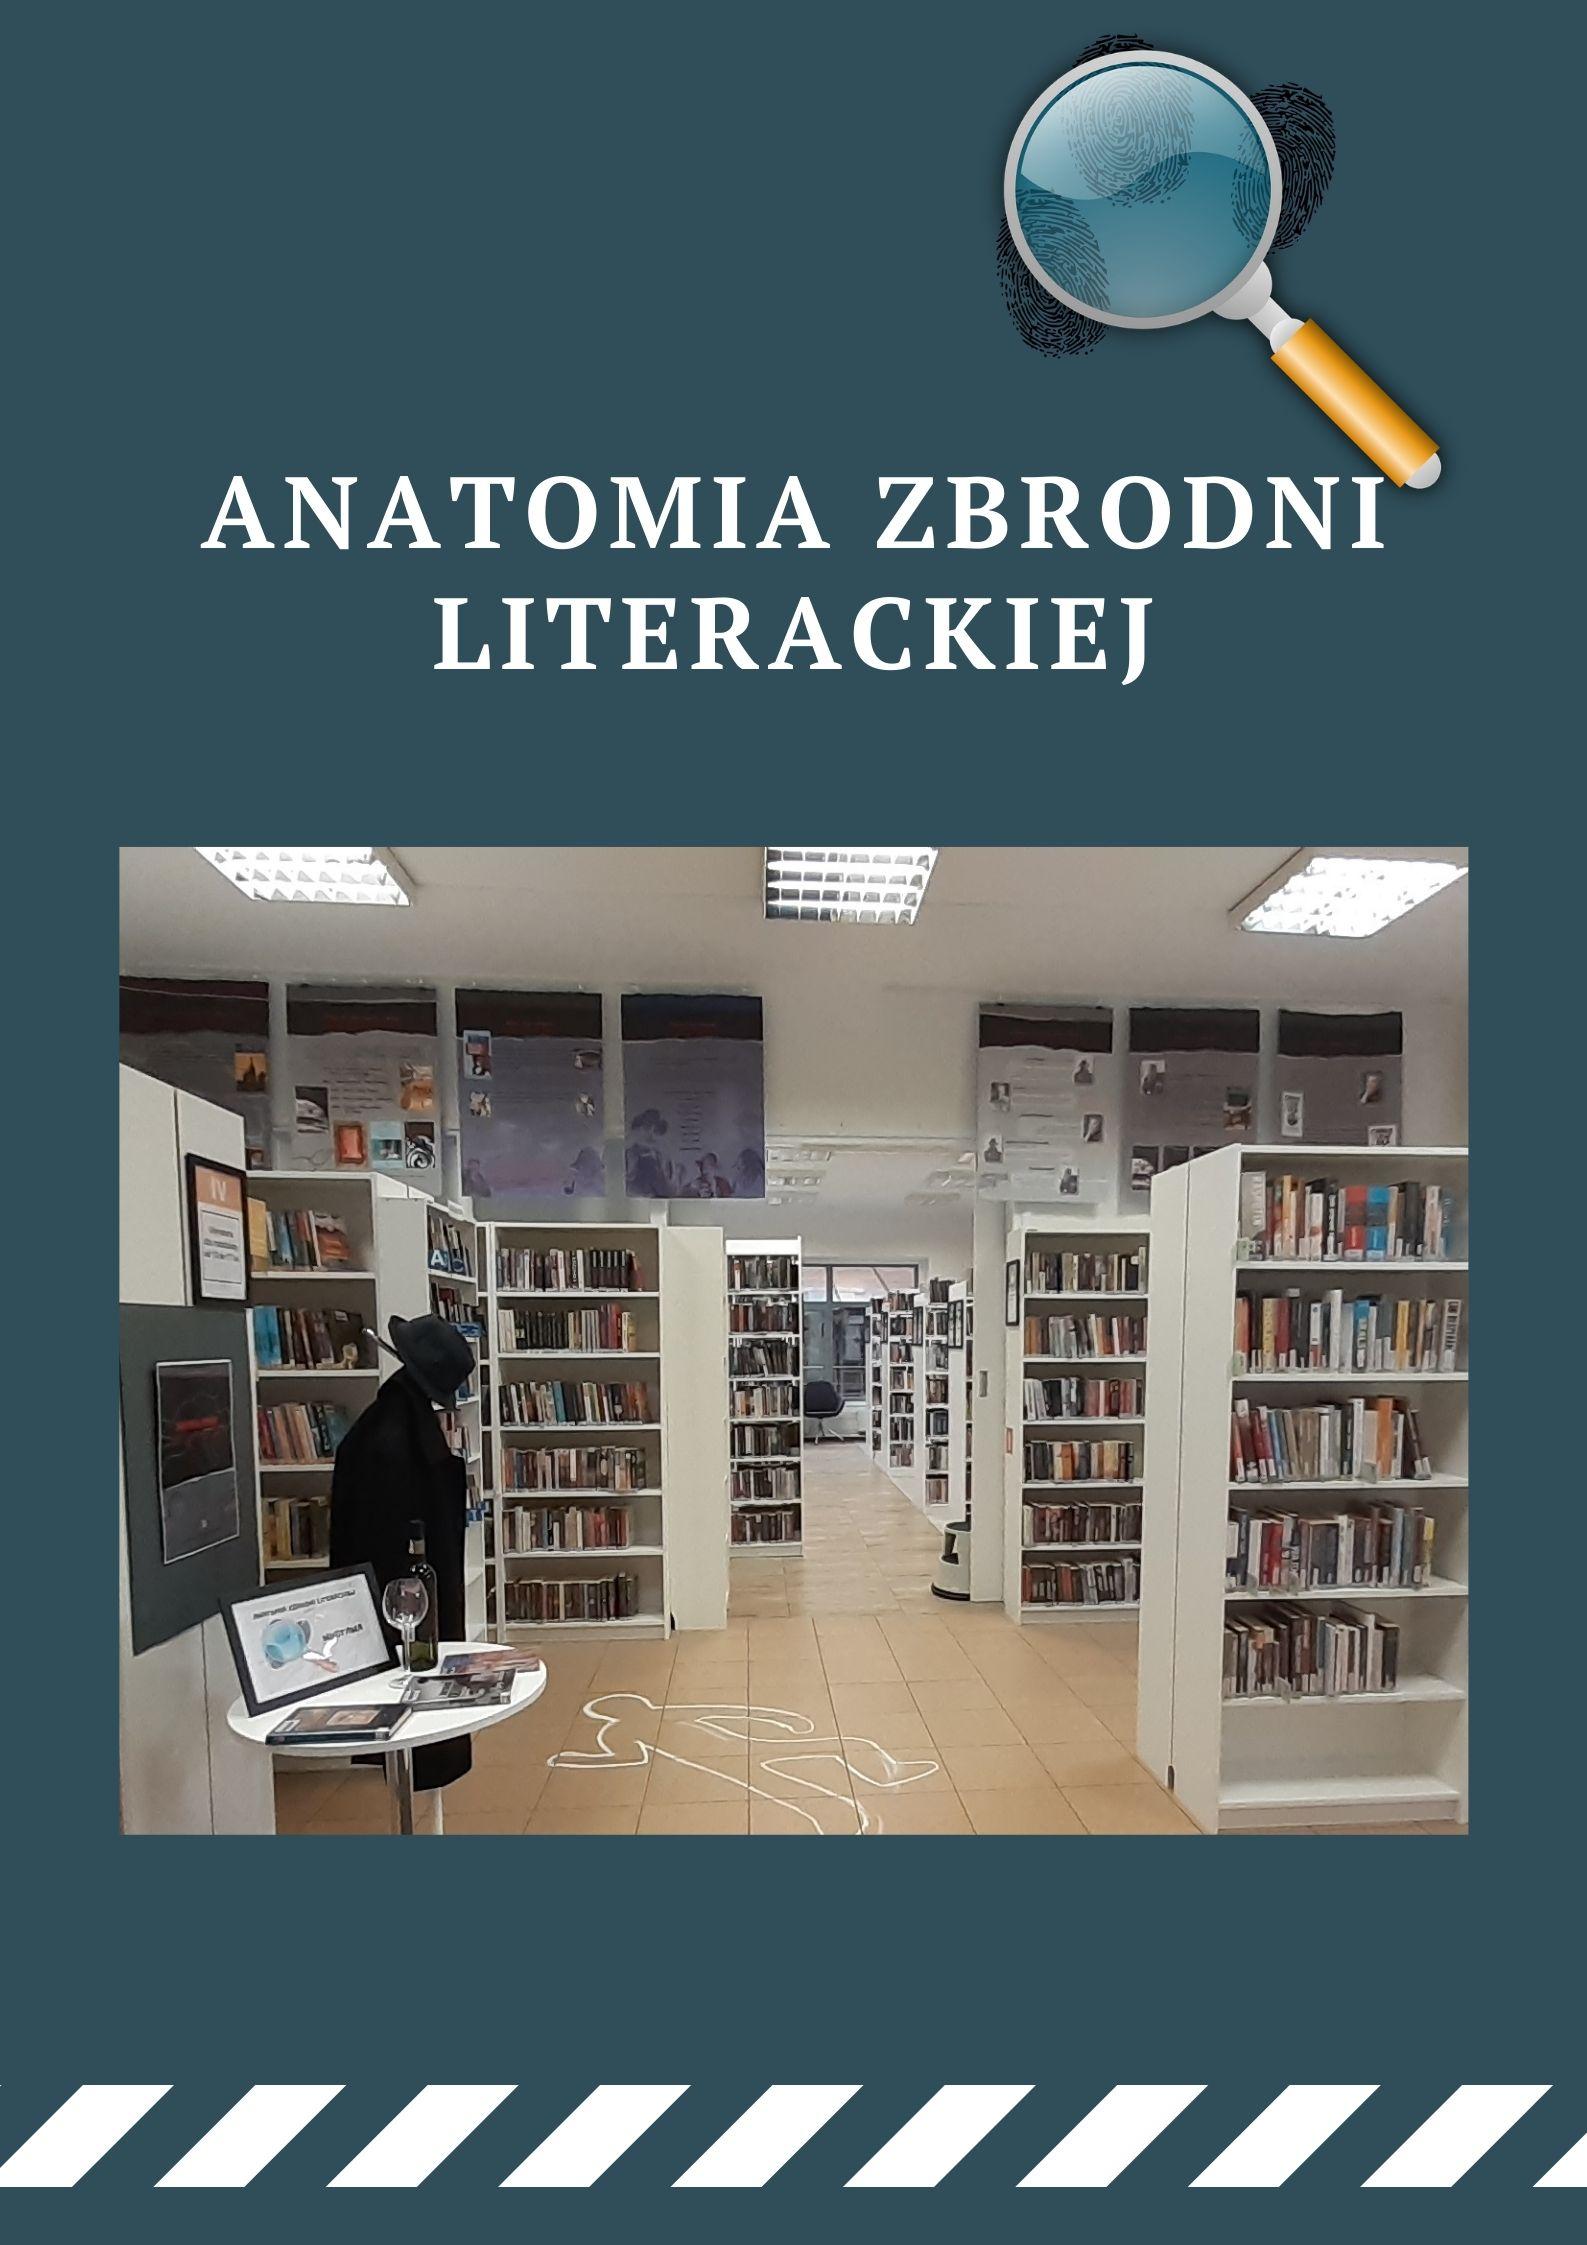 Anatomia zbrodni literackiej